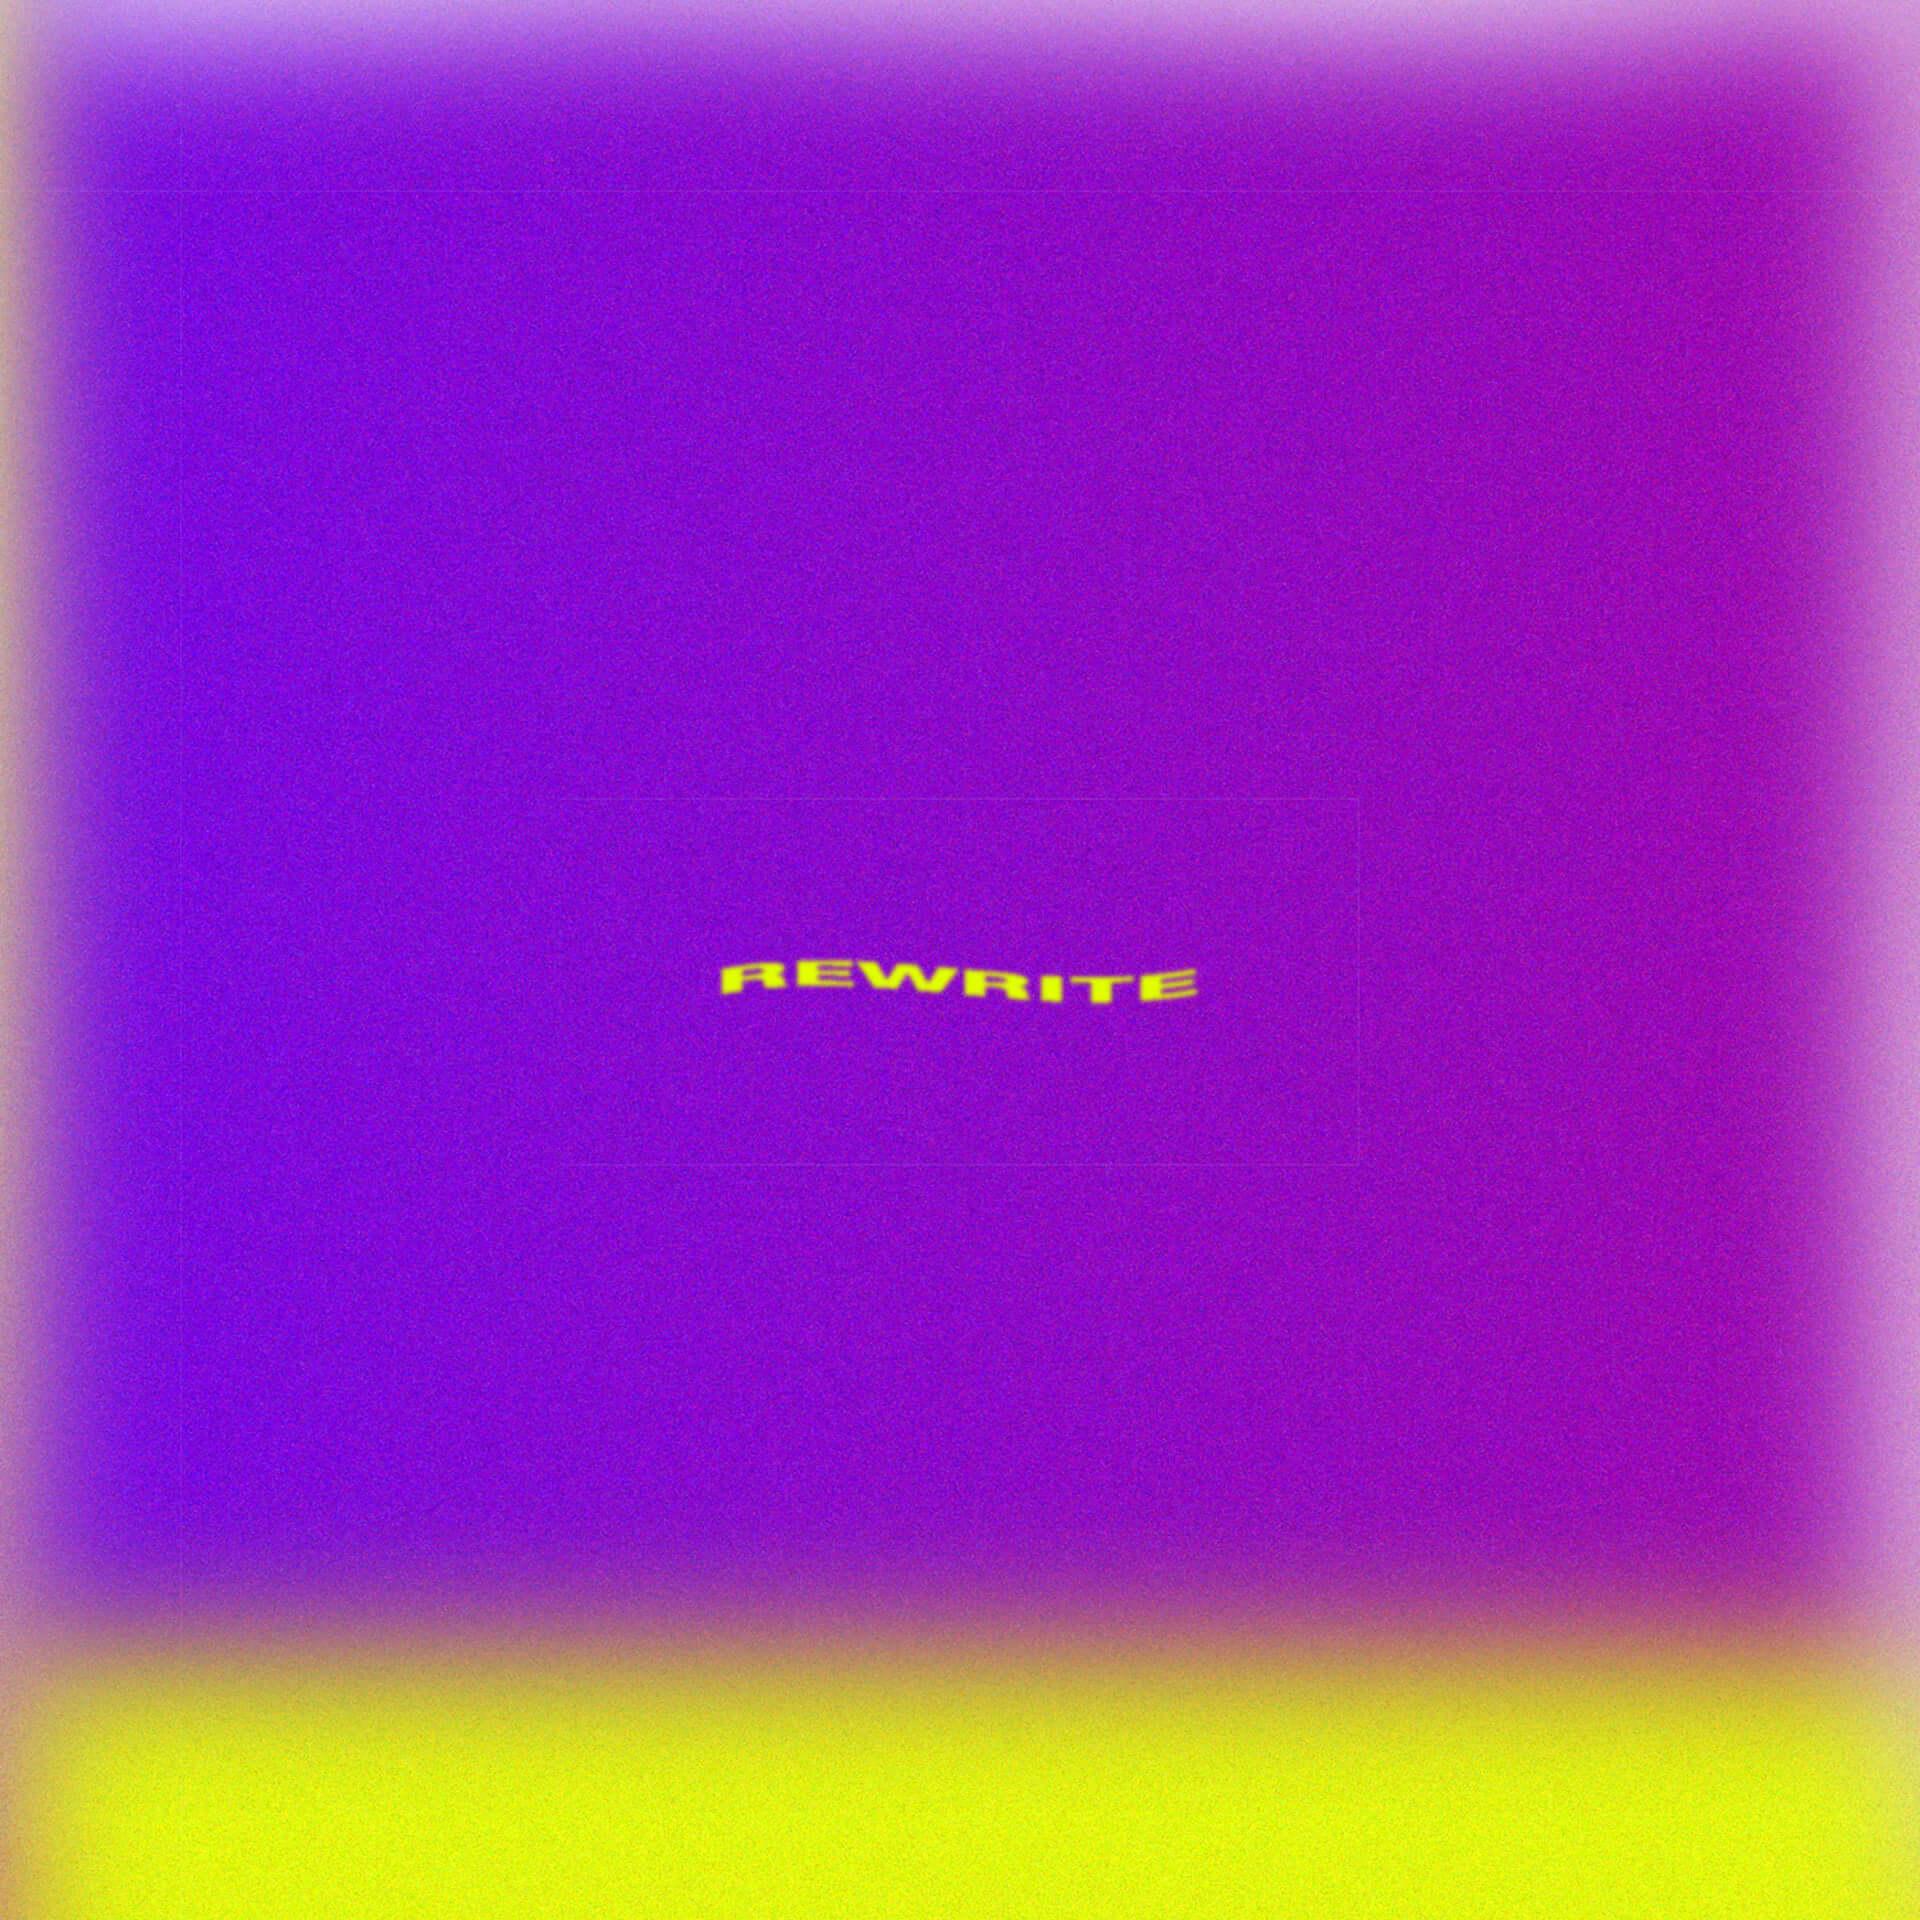 Chocoholic、自身初デジタルEP『Rewrite』を本日リリース&収録曲より「Baseball」のミュージック・ビデオを解禁! music200129_chocoholic_2-1920x1920